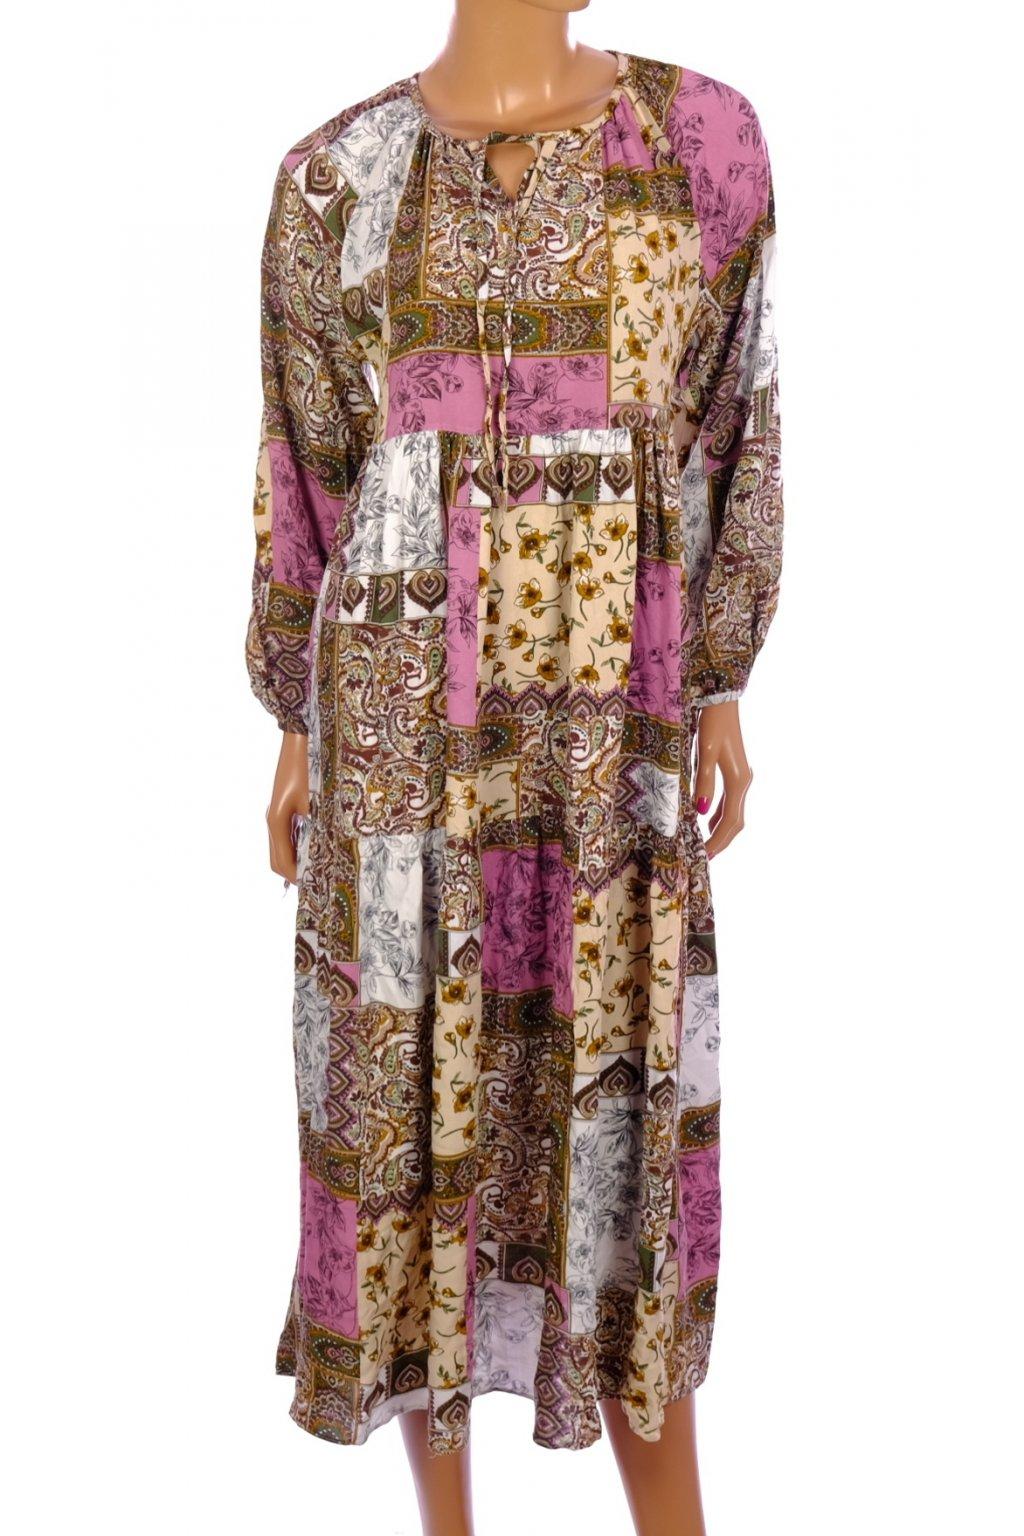 Šaty Meristore barevné vzorované dlouhé vel. 36 / S